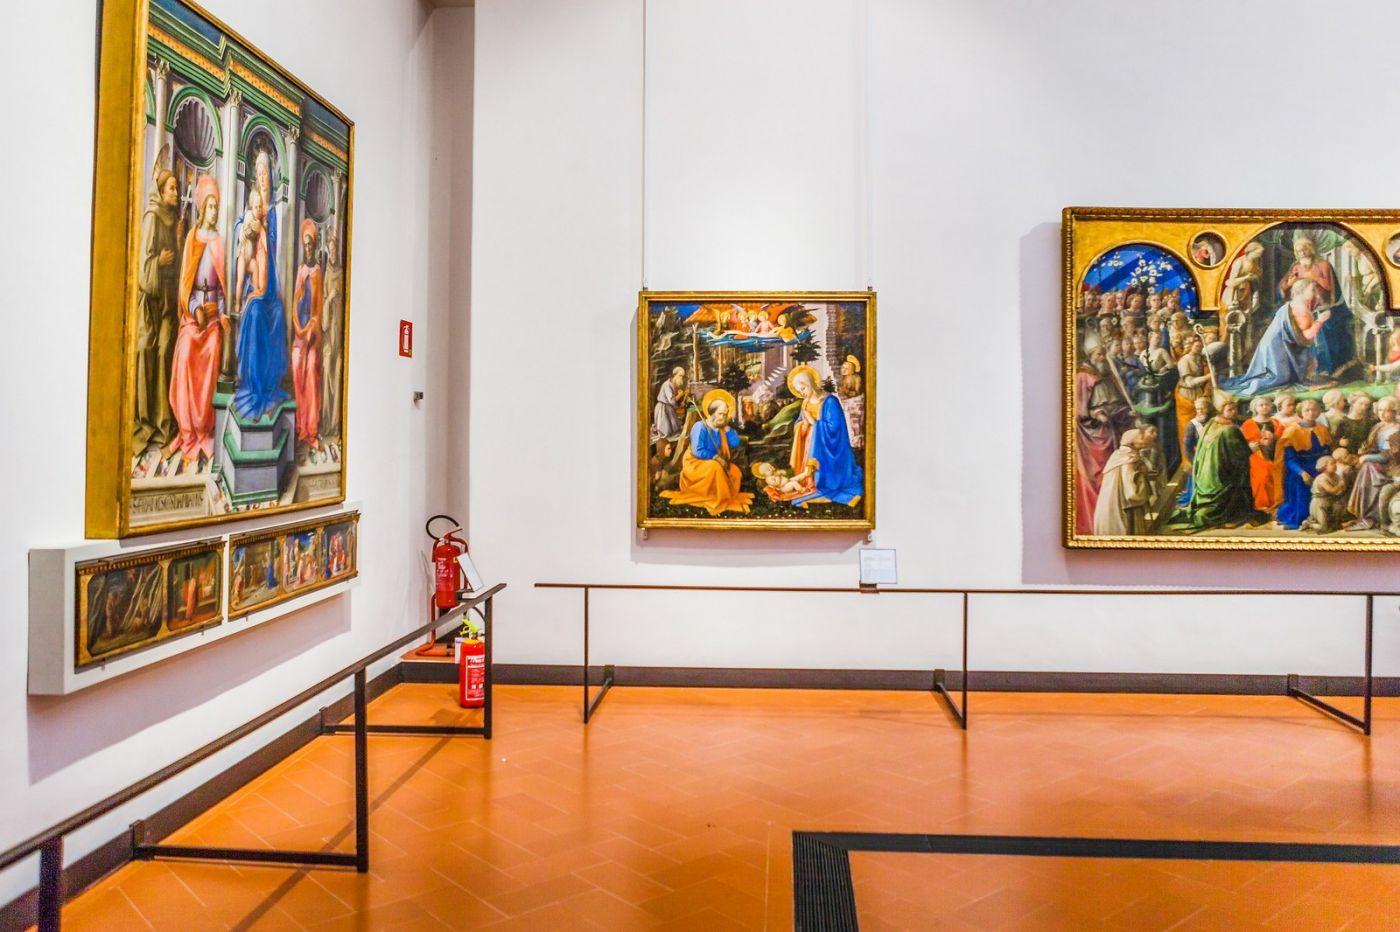 意大利佛罗伦斯乌菲兹美术馆, 藏品大展_图1-23